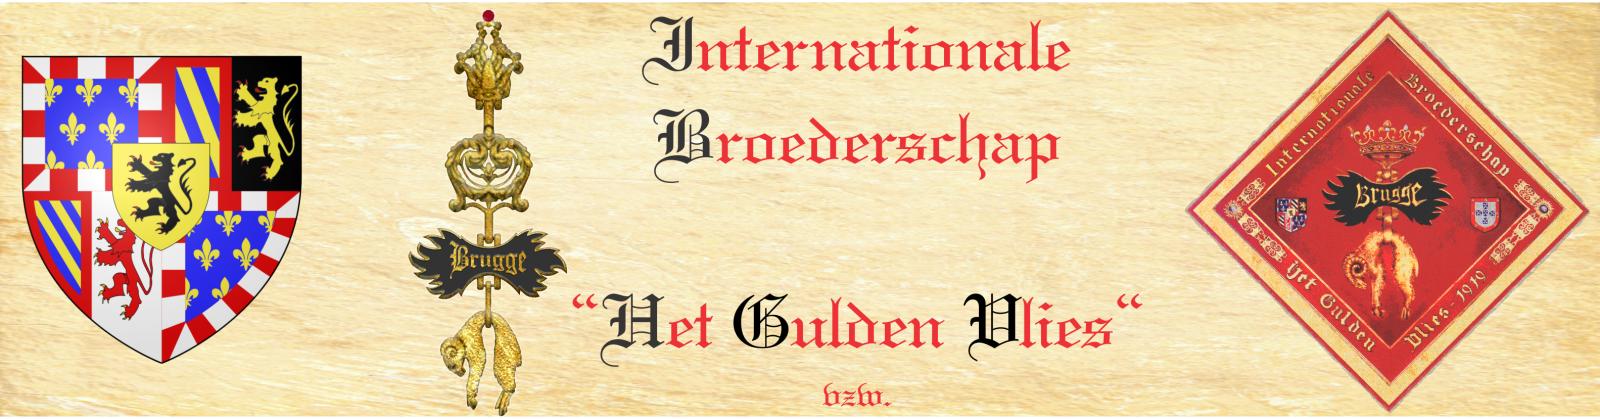 De internationale Broederschap het Gulden Vlies